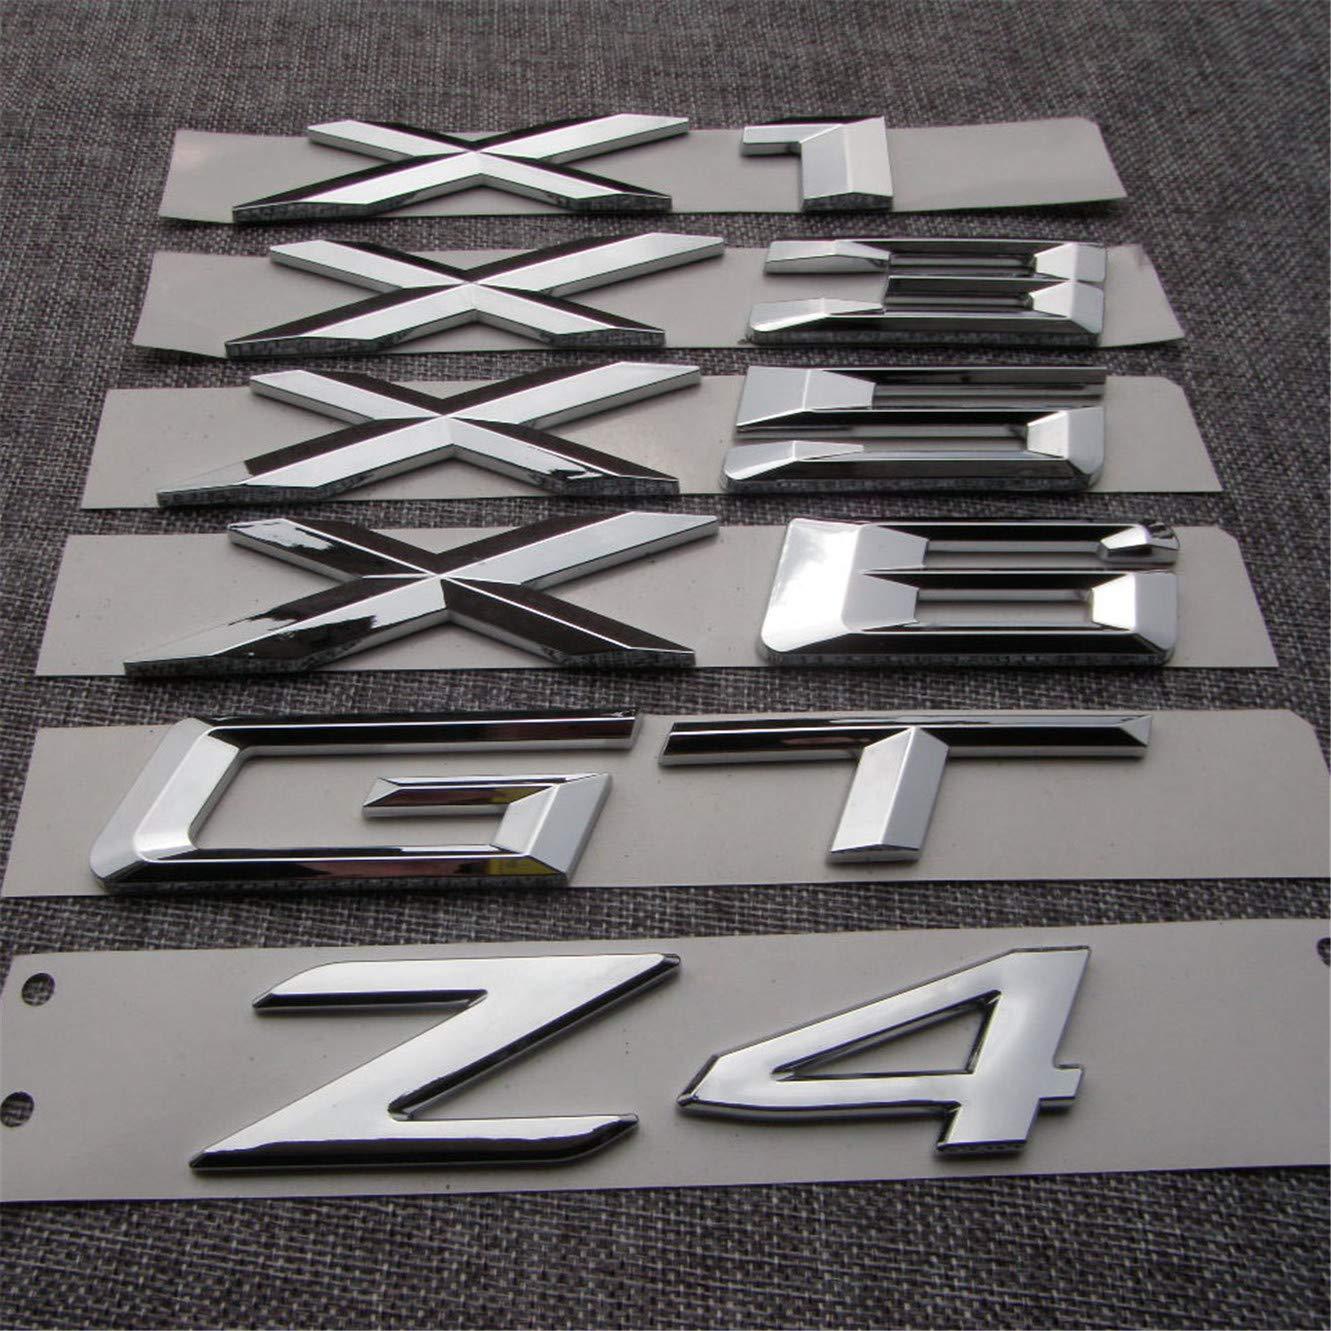 X6 X3 chisushangm Emblema de Letras de Coche con Emblema de Letras de la Letra de la Palabra de Coche de pl/ástico ABS para GT 5 Serie GT X1 X5 Z4